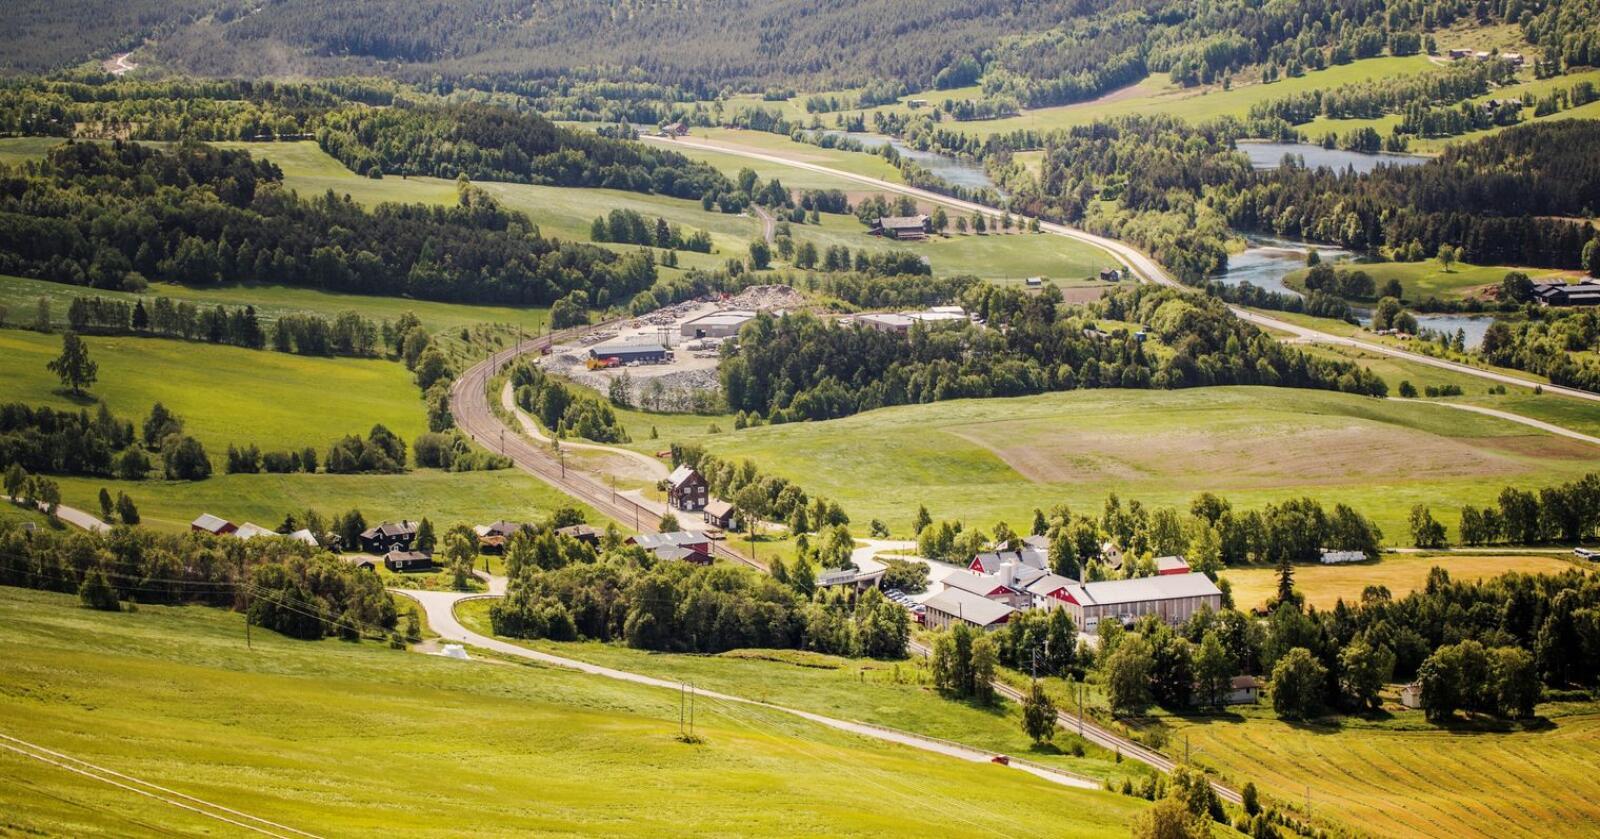 Meieriet på Dovre er en viktig arbeidsplass i fjellbygda. Med denne satsingen vil arbeidsplassene sikres, mener Tine. (Foto: Tine)